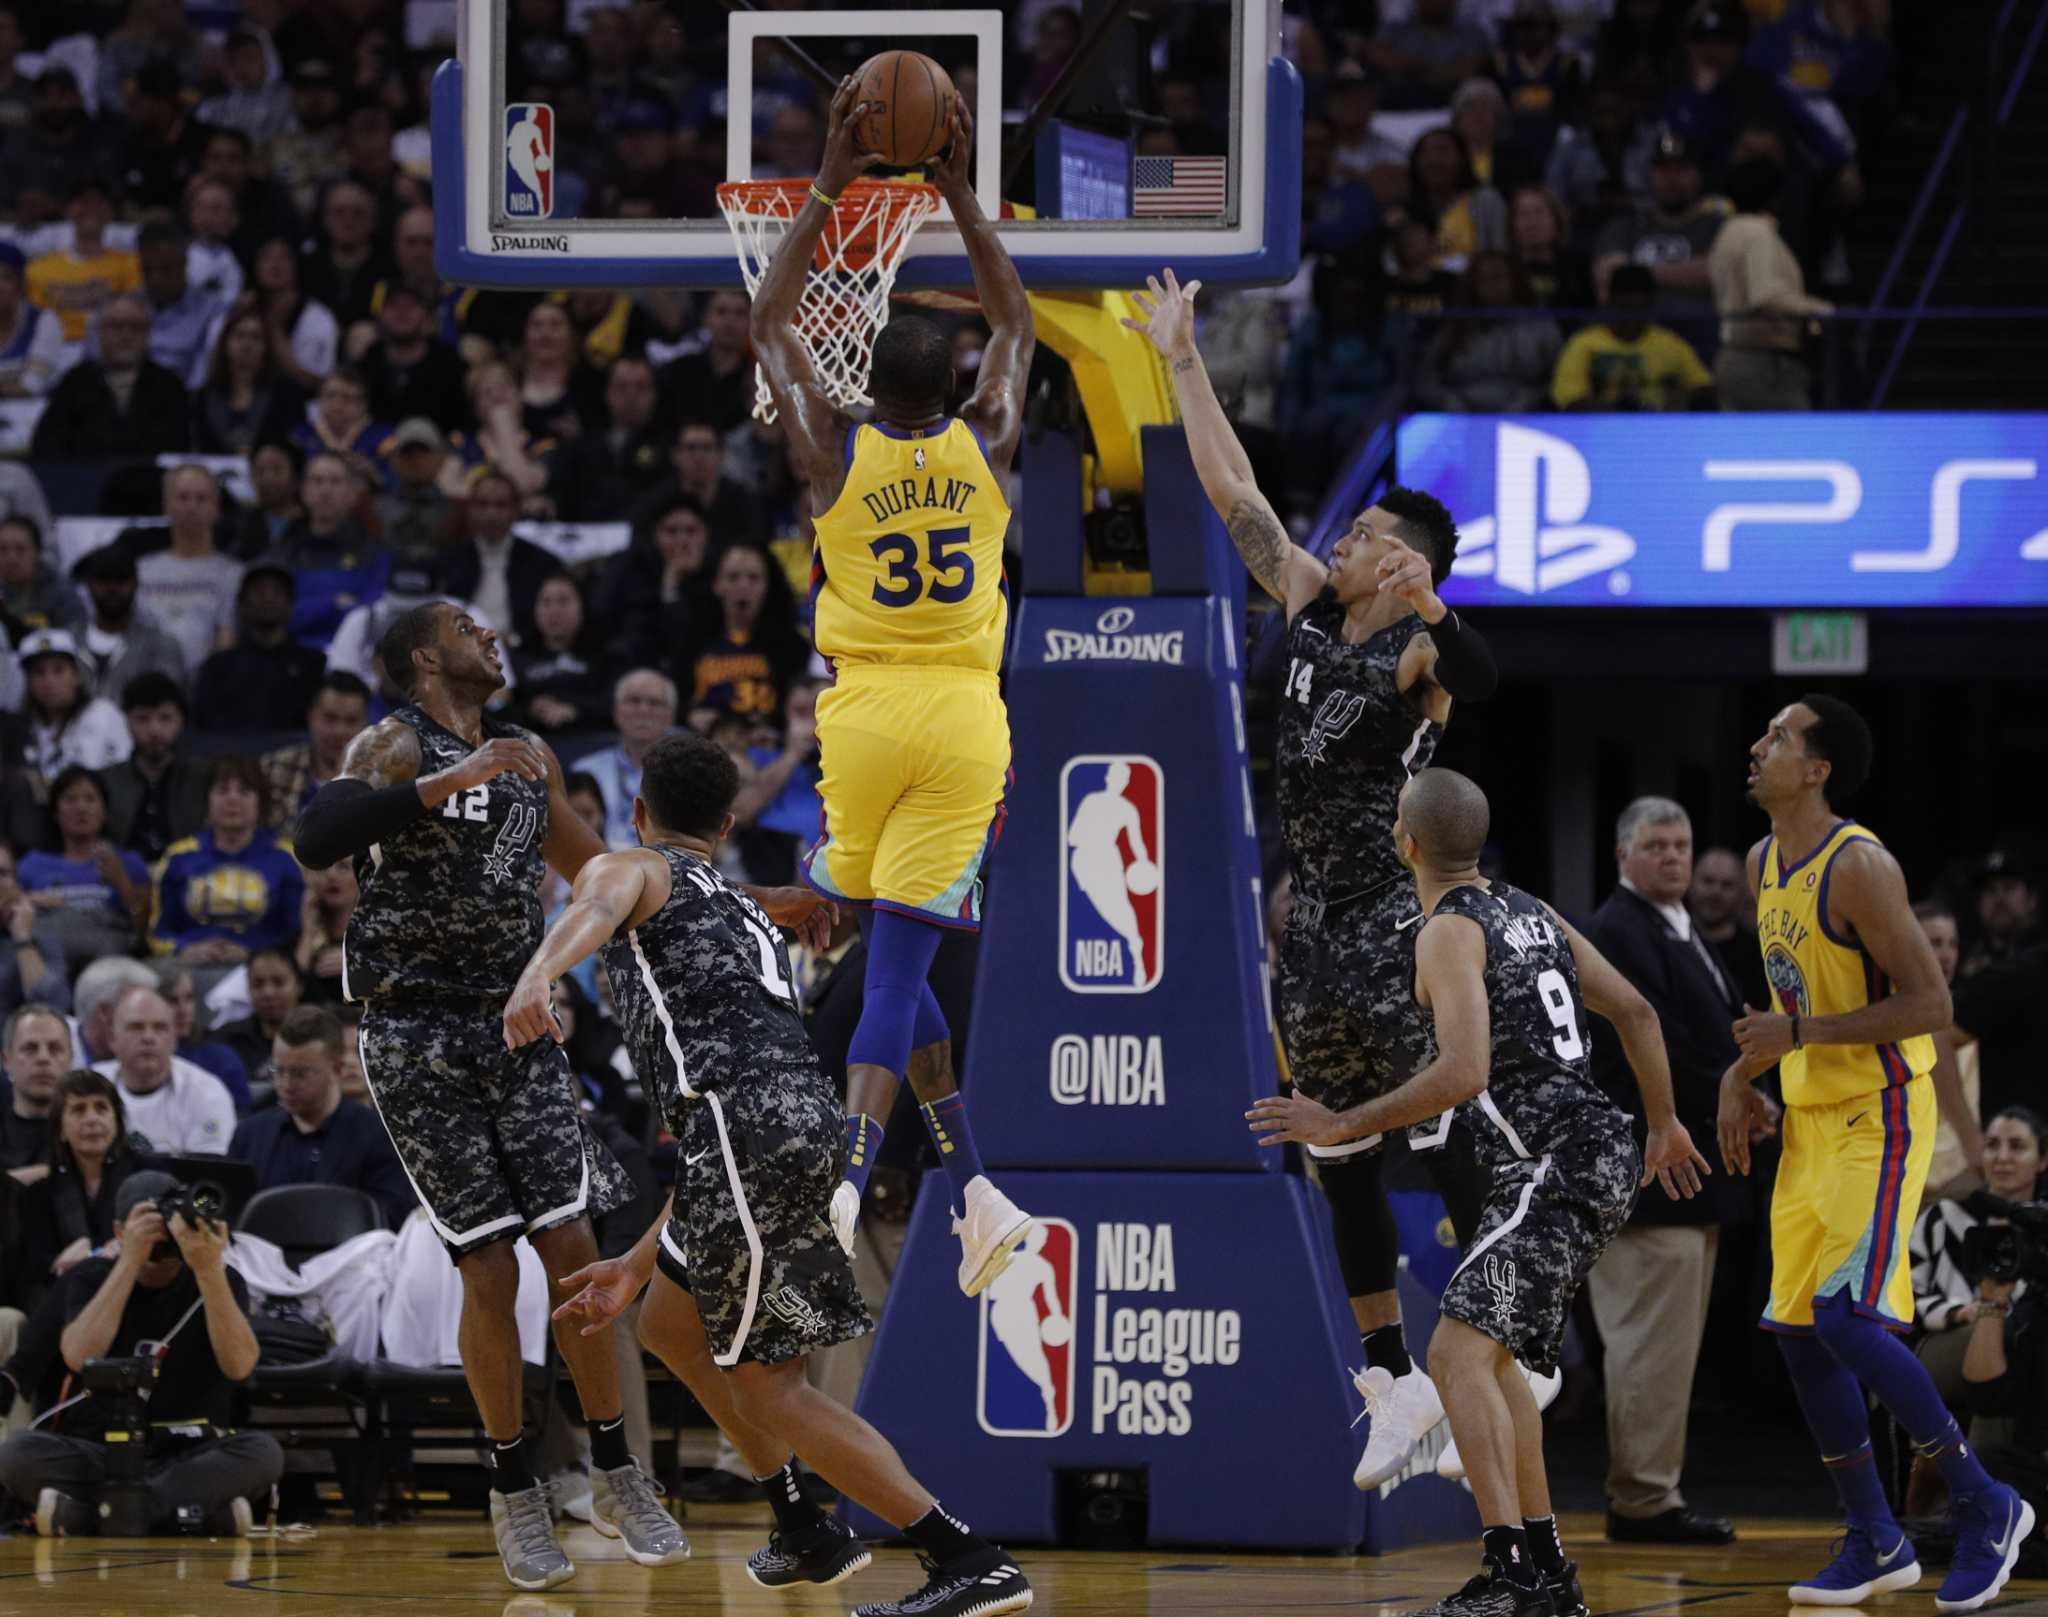 dd221e651 Fourth quarters continue to doom Spurs - ExpressNews.com